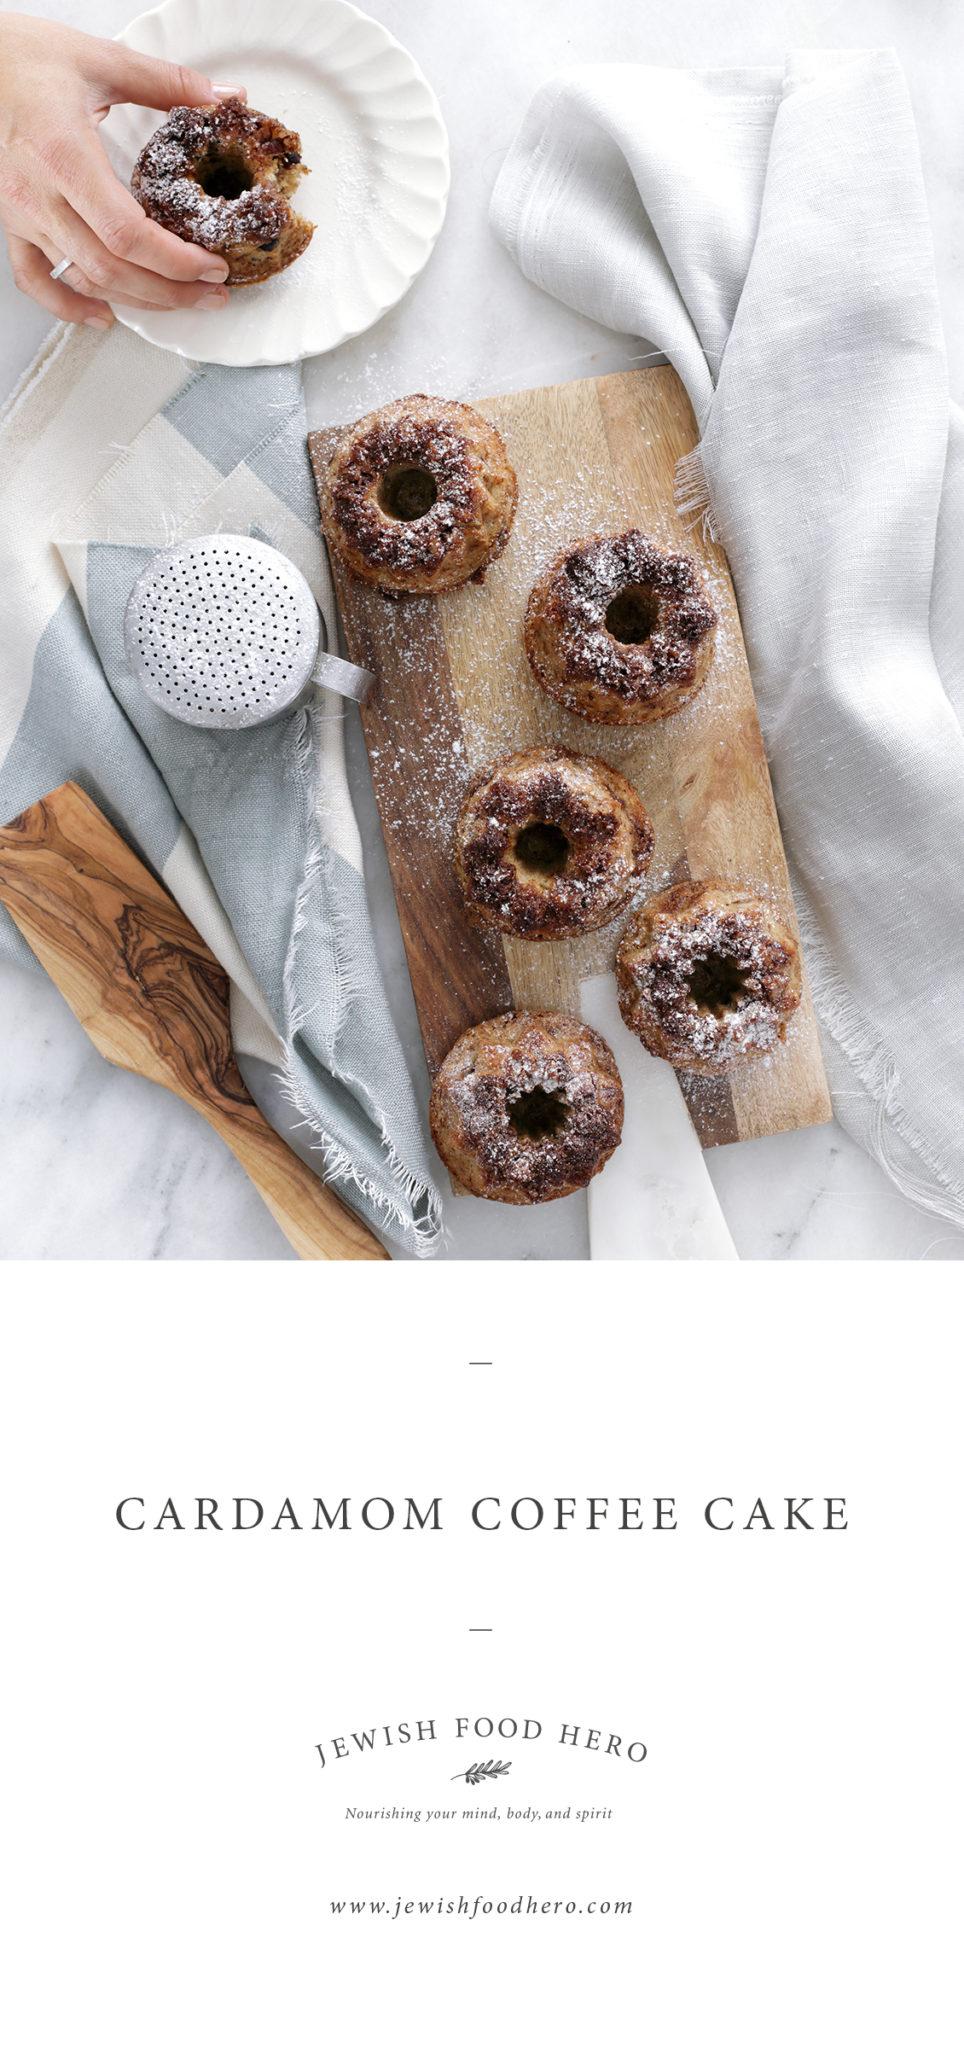 cardamom-coffee-cake-vegan-jewish-food-hero-yom-kippur-rosh-hashanah